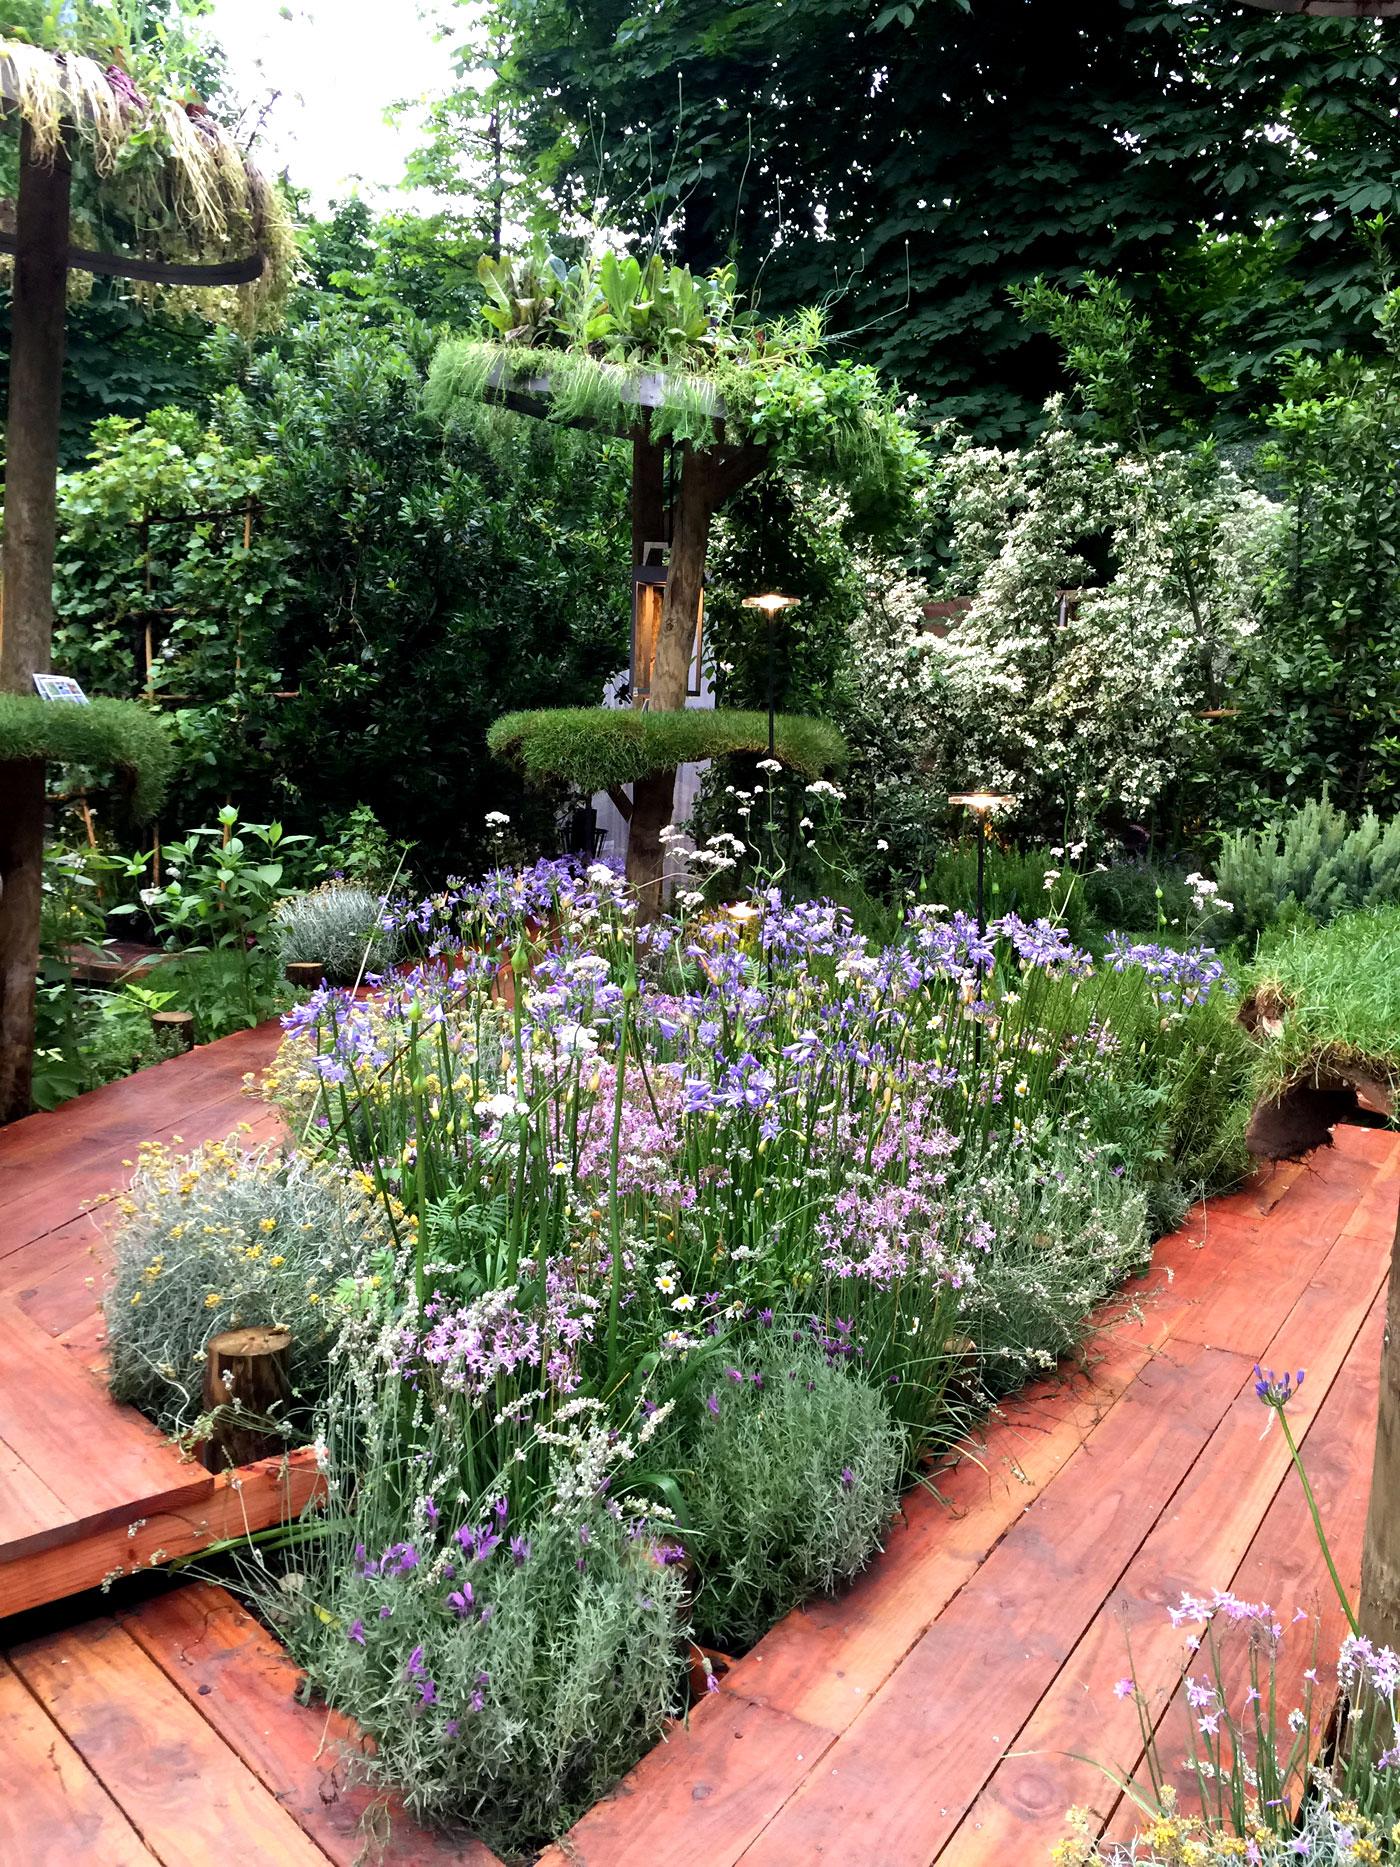 jardins-jardin-stephanie-caumont-pierre-alexandre-risser-8